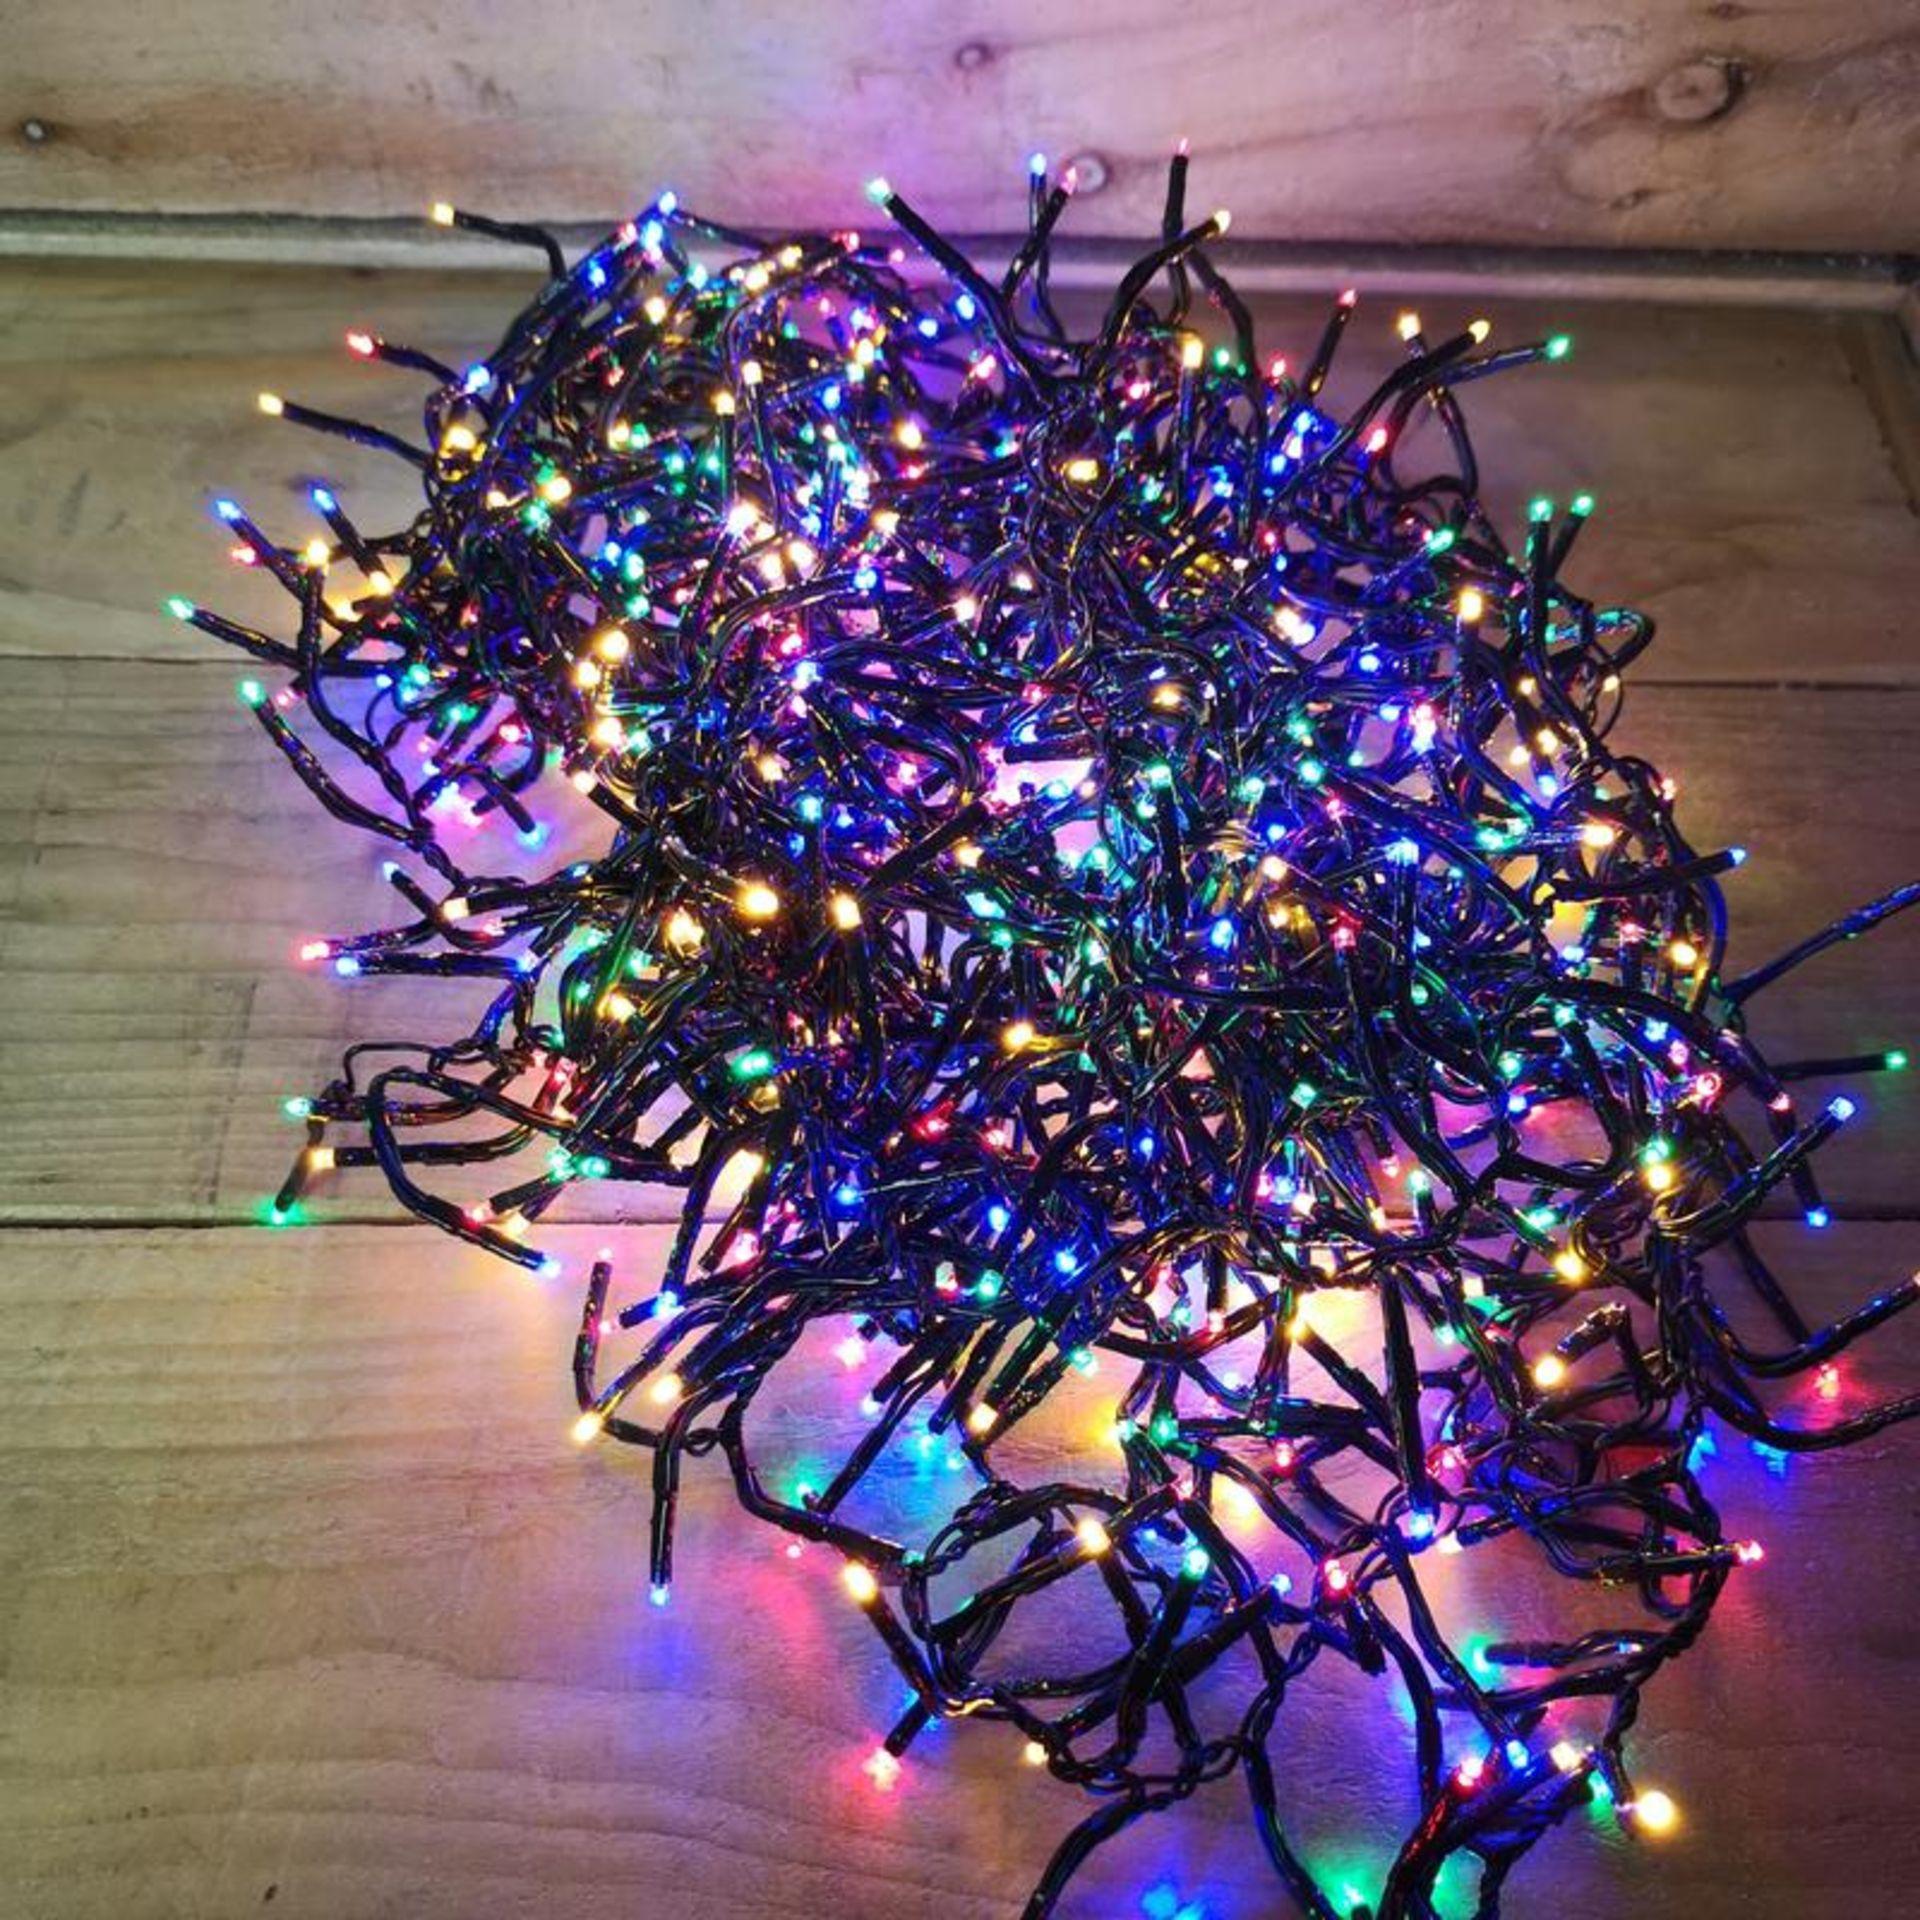 Lot 18068 - V Brand New 800 Multi Coloured LED Multi Function Christmas Lights